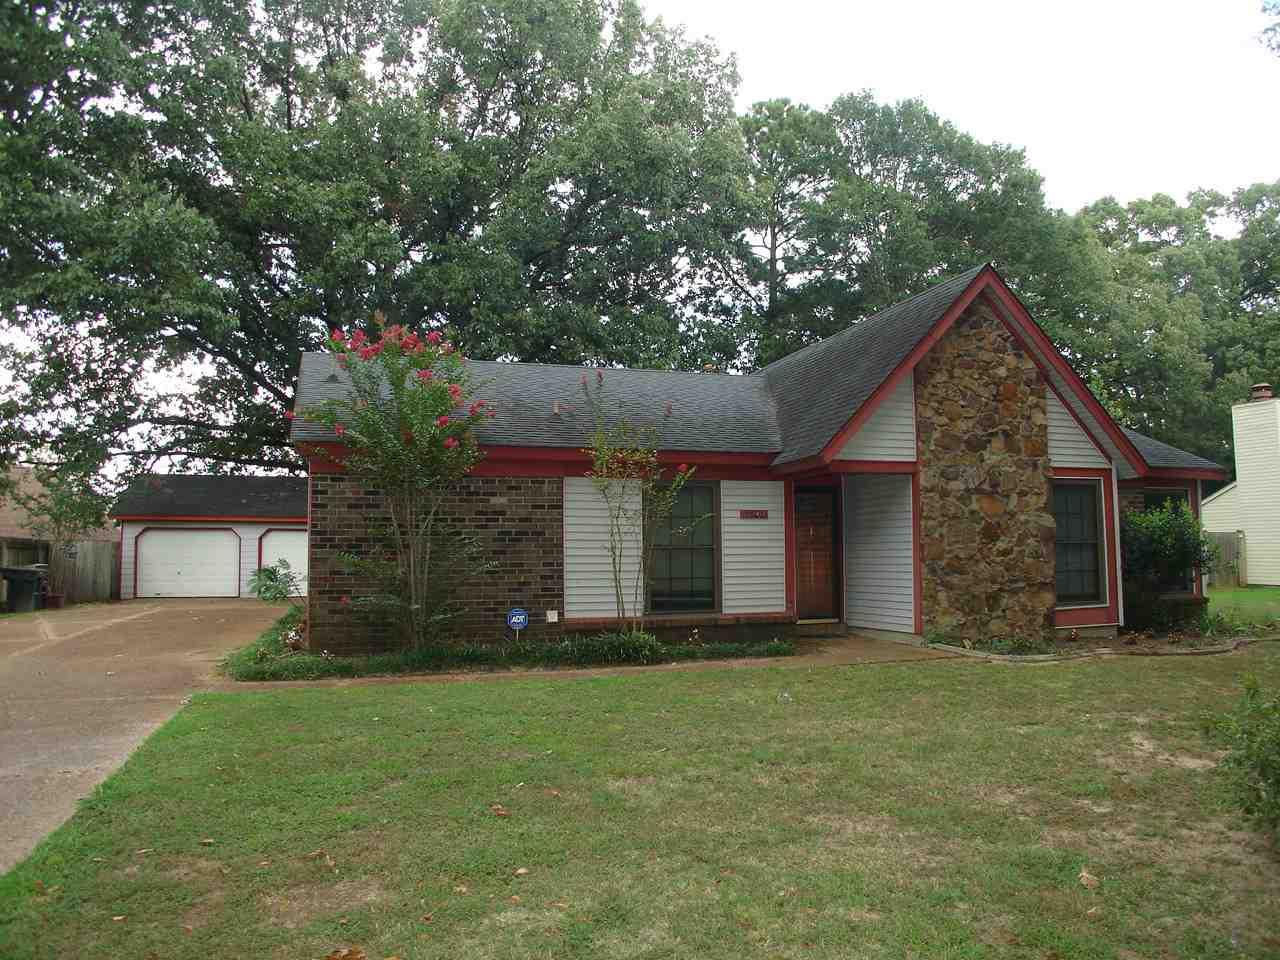 1190 Simmons Ridge Collierville, TN 38017 - MLS #: 10015100